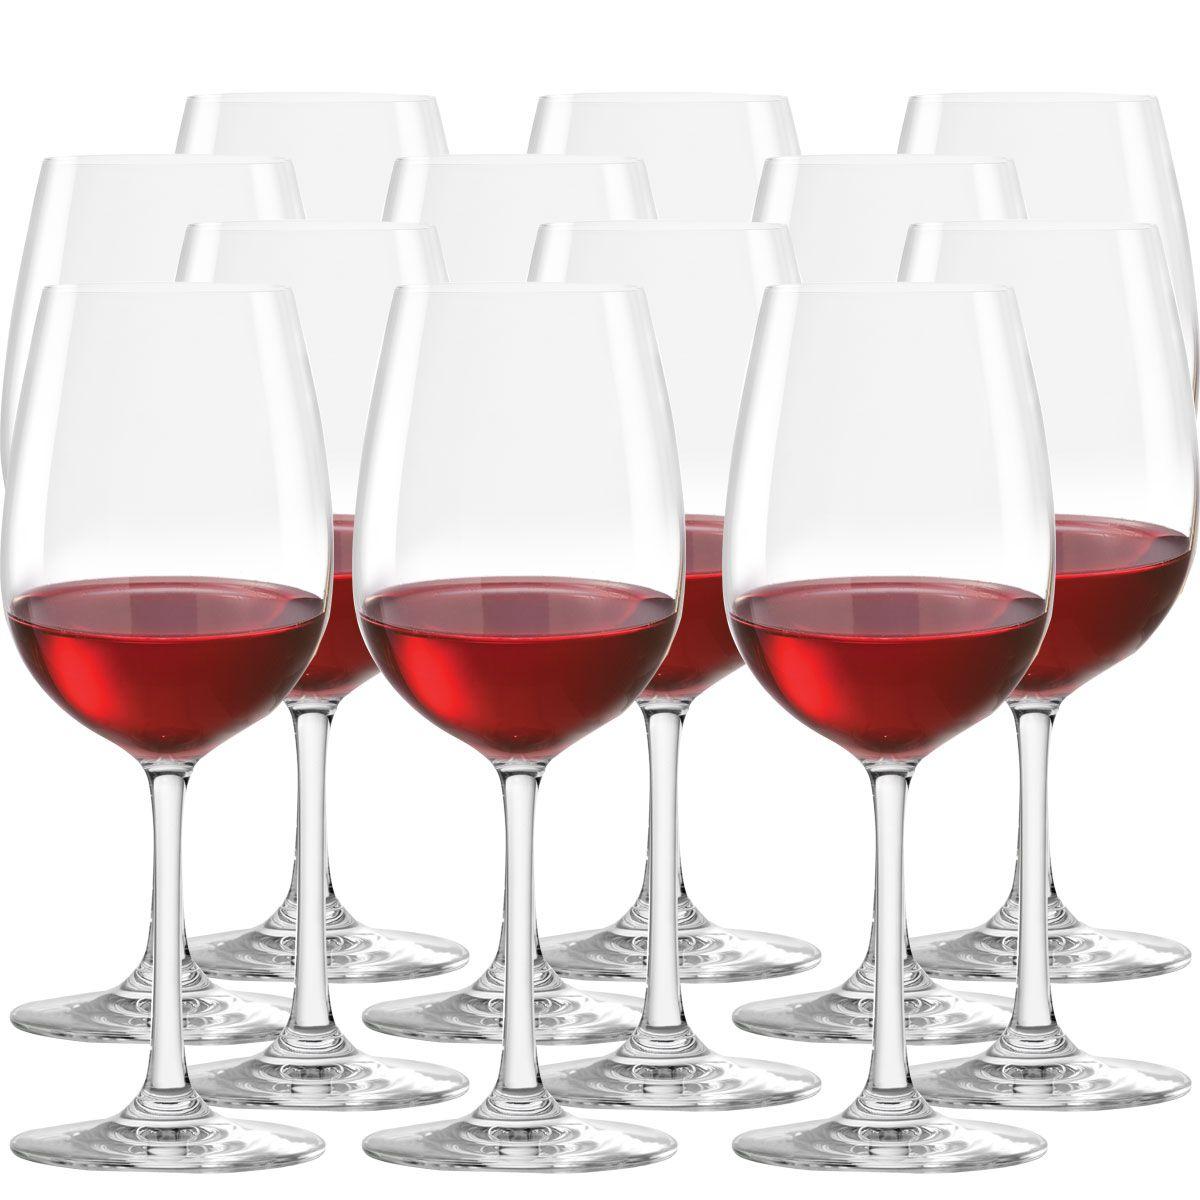 Jogo de taças de Vinho Tinto Cristal Sensaton Red Wine de 500ml 12 Pcs